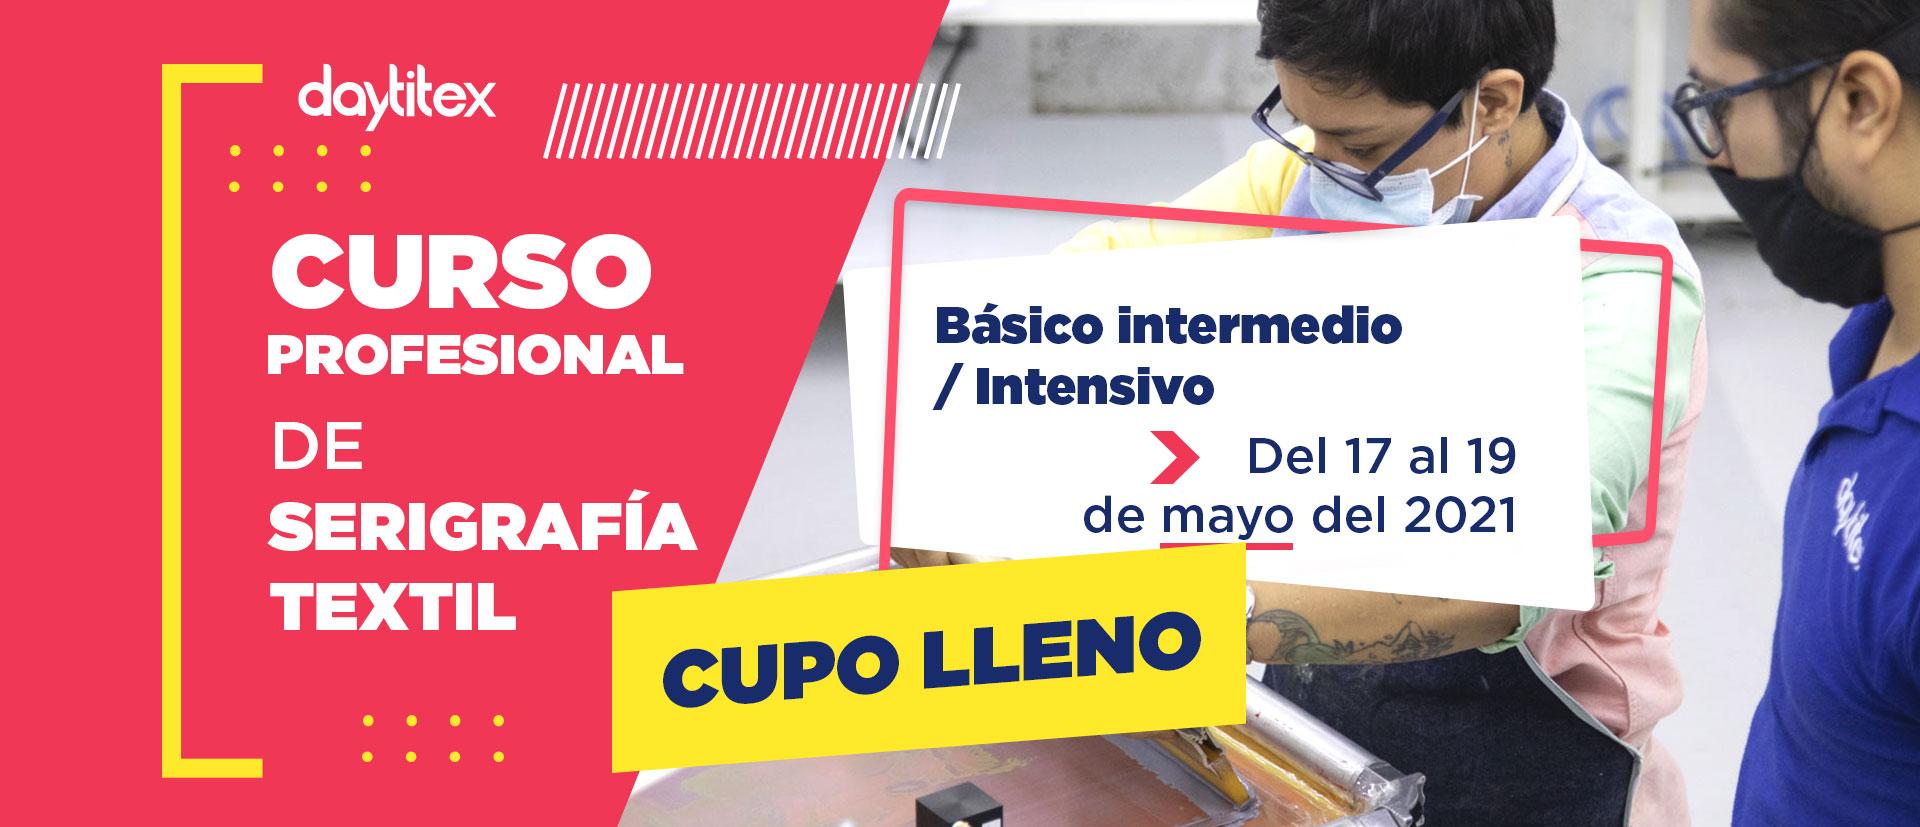 Curso Profesional de Serigrafía Textil Mayo 2021